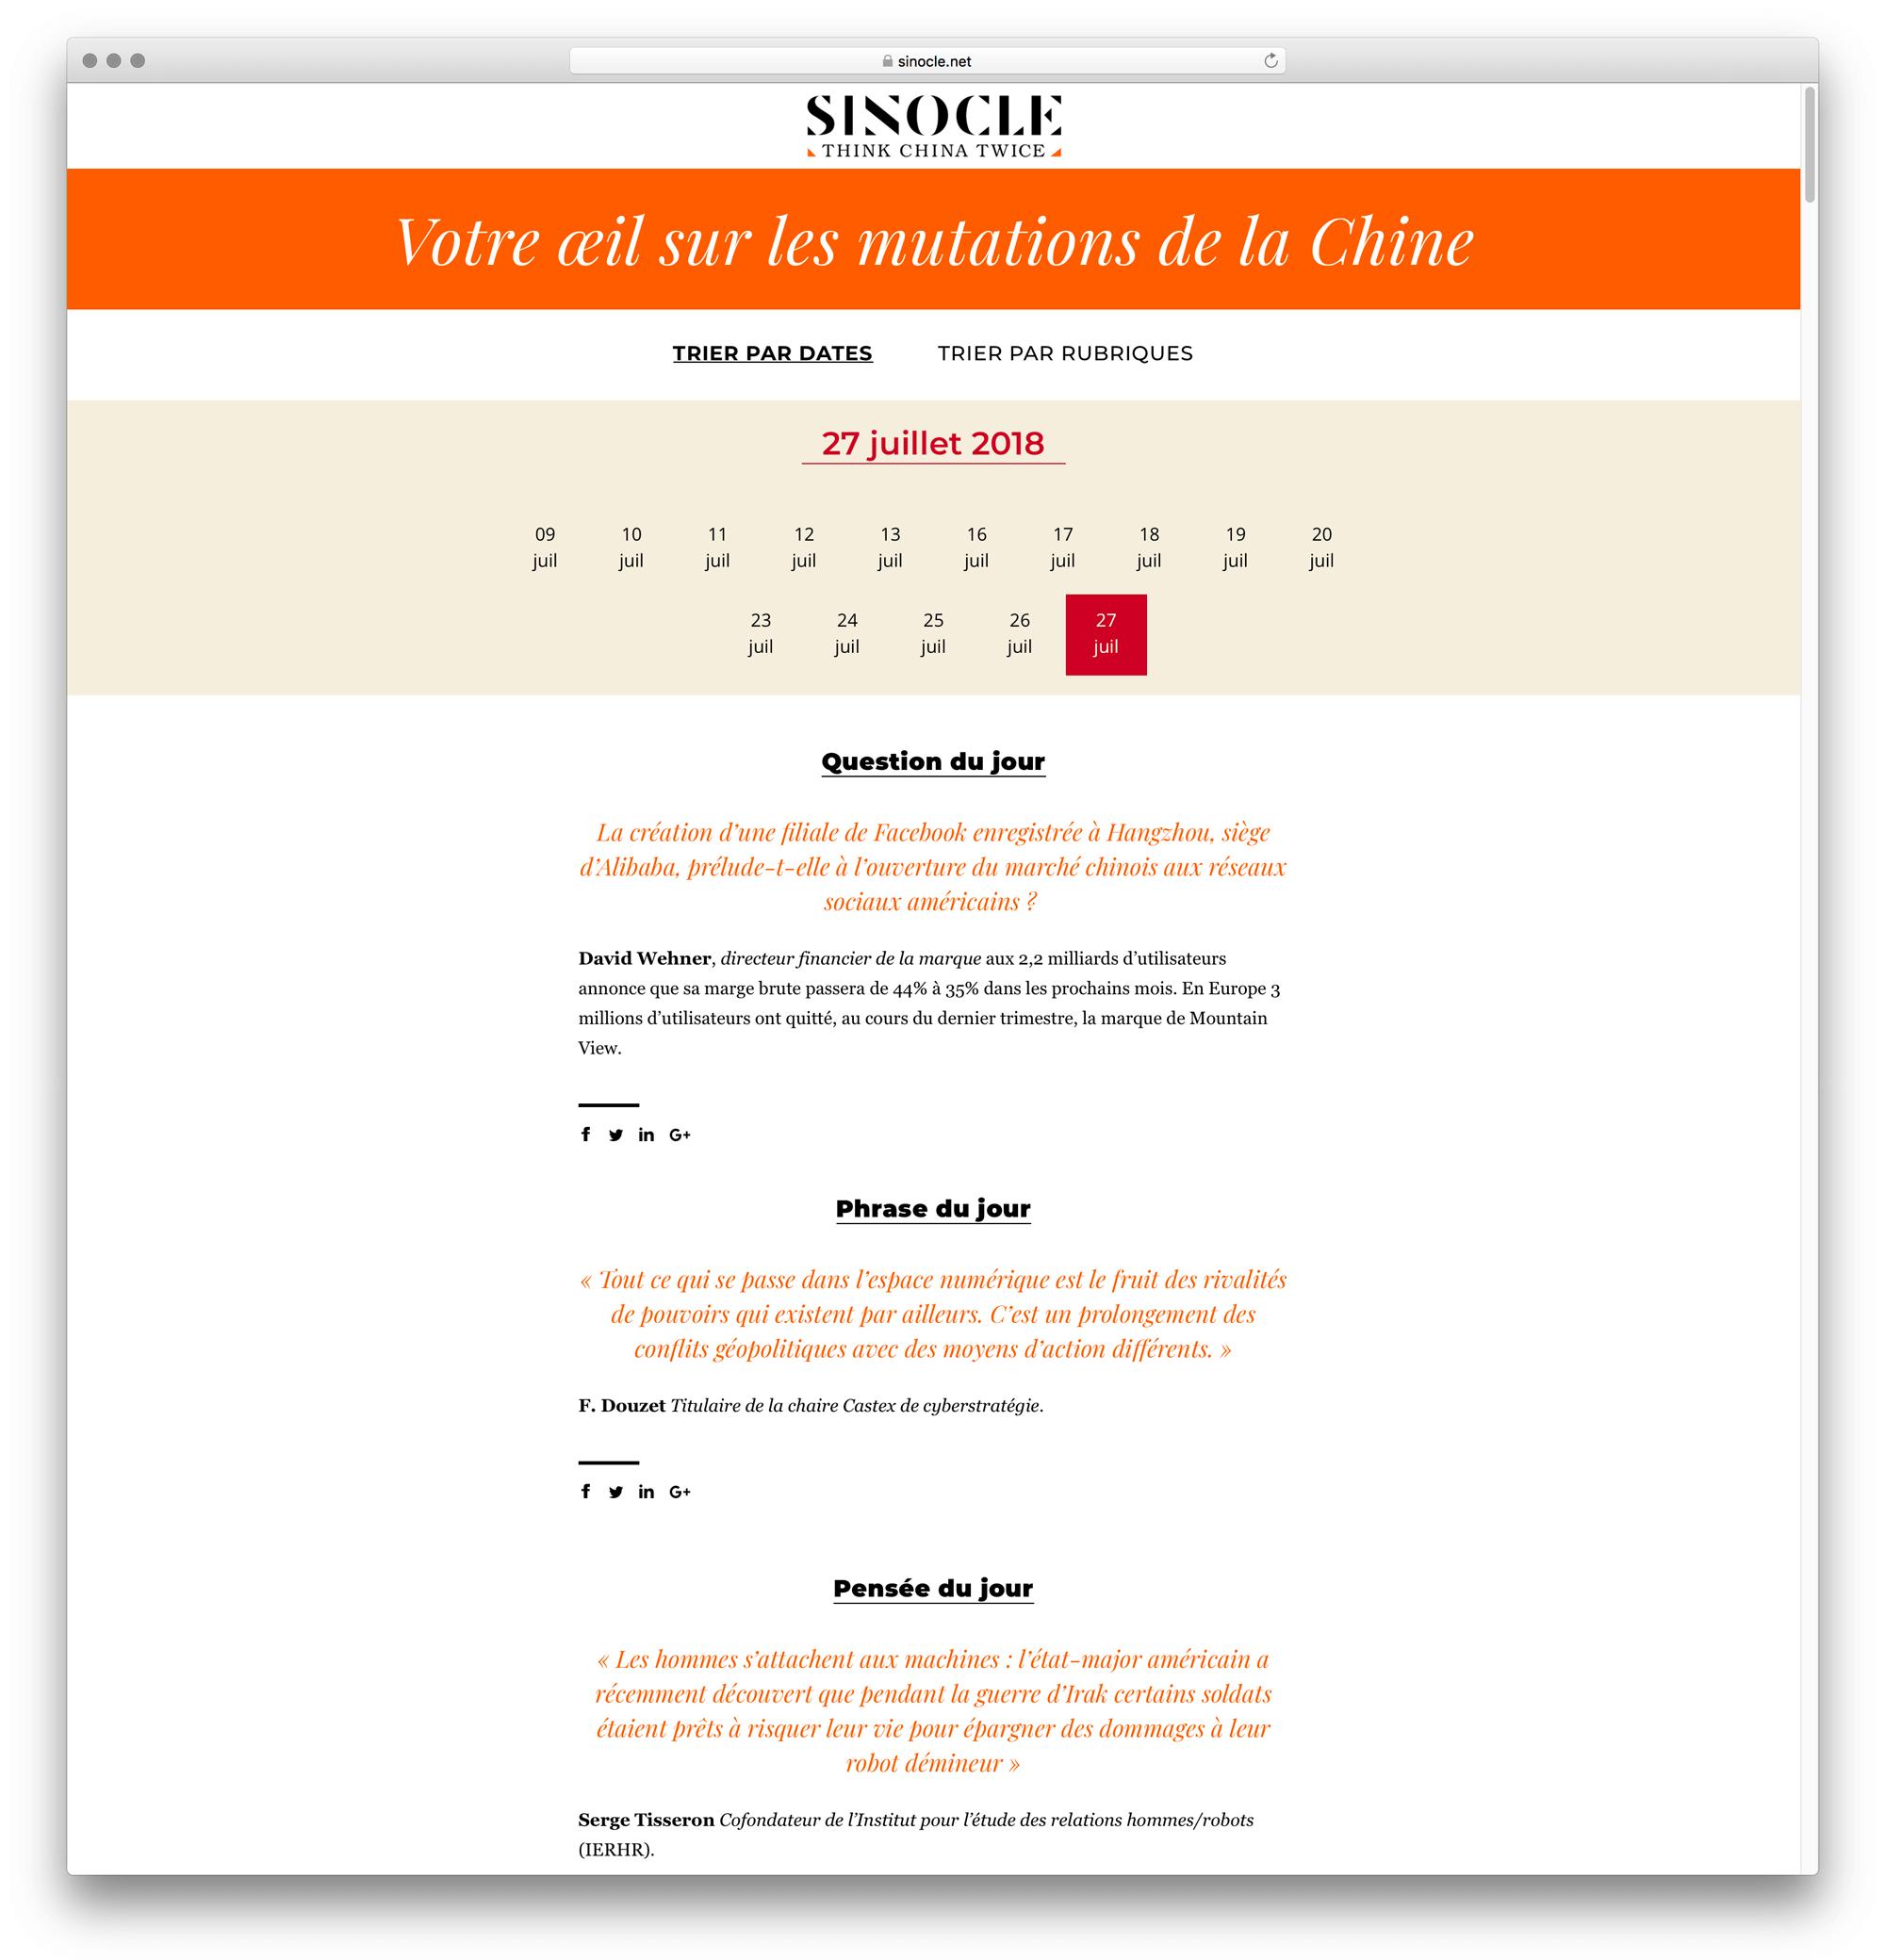 visuel d'une page de newsletter dans les archives du média Sinocle, tourné vers la chine designé par Ich&Kar et développé par Charlie Bayot.